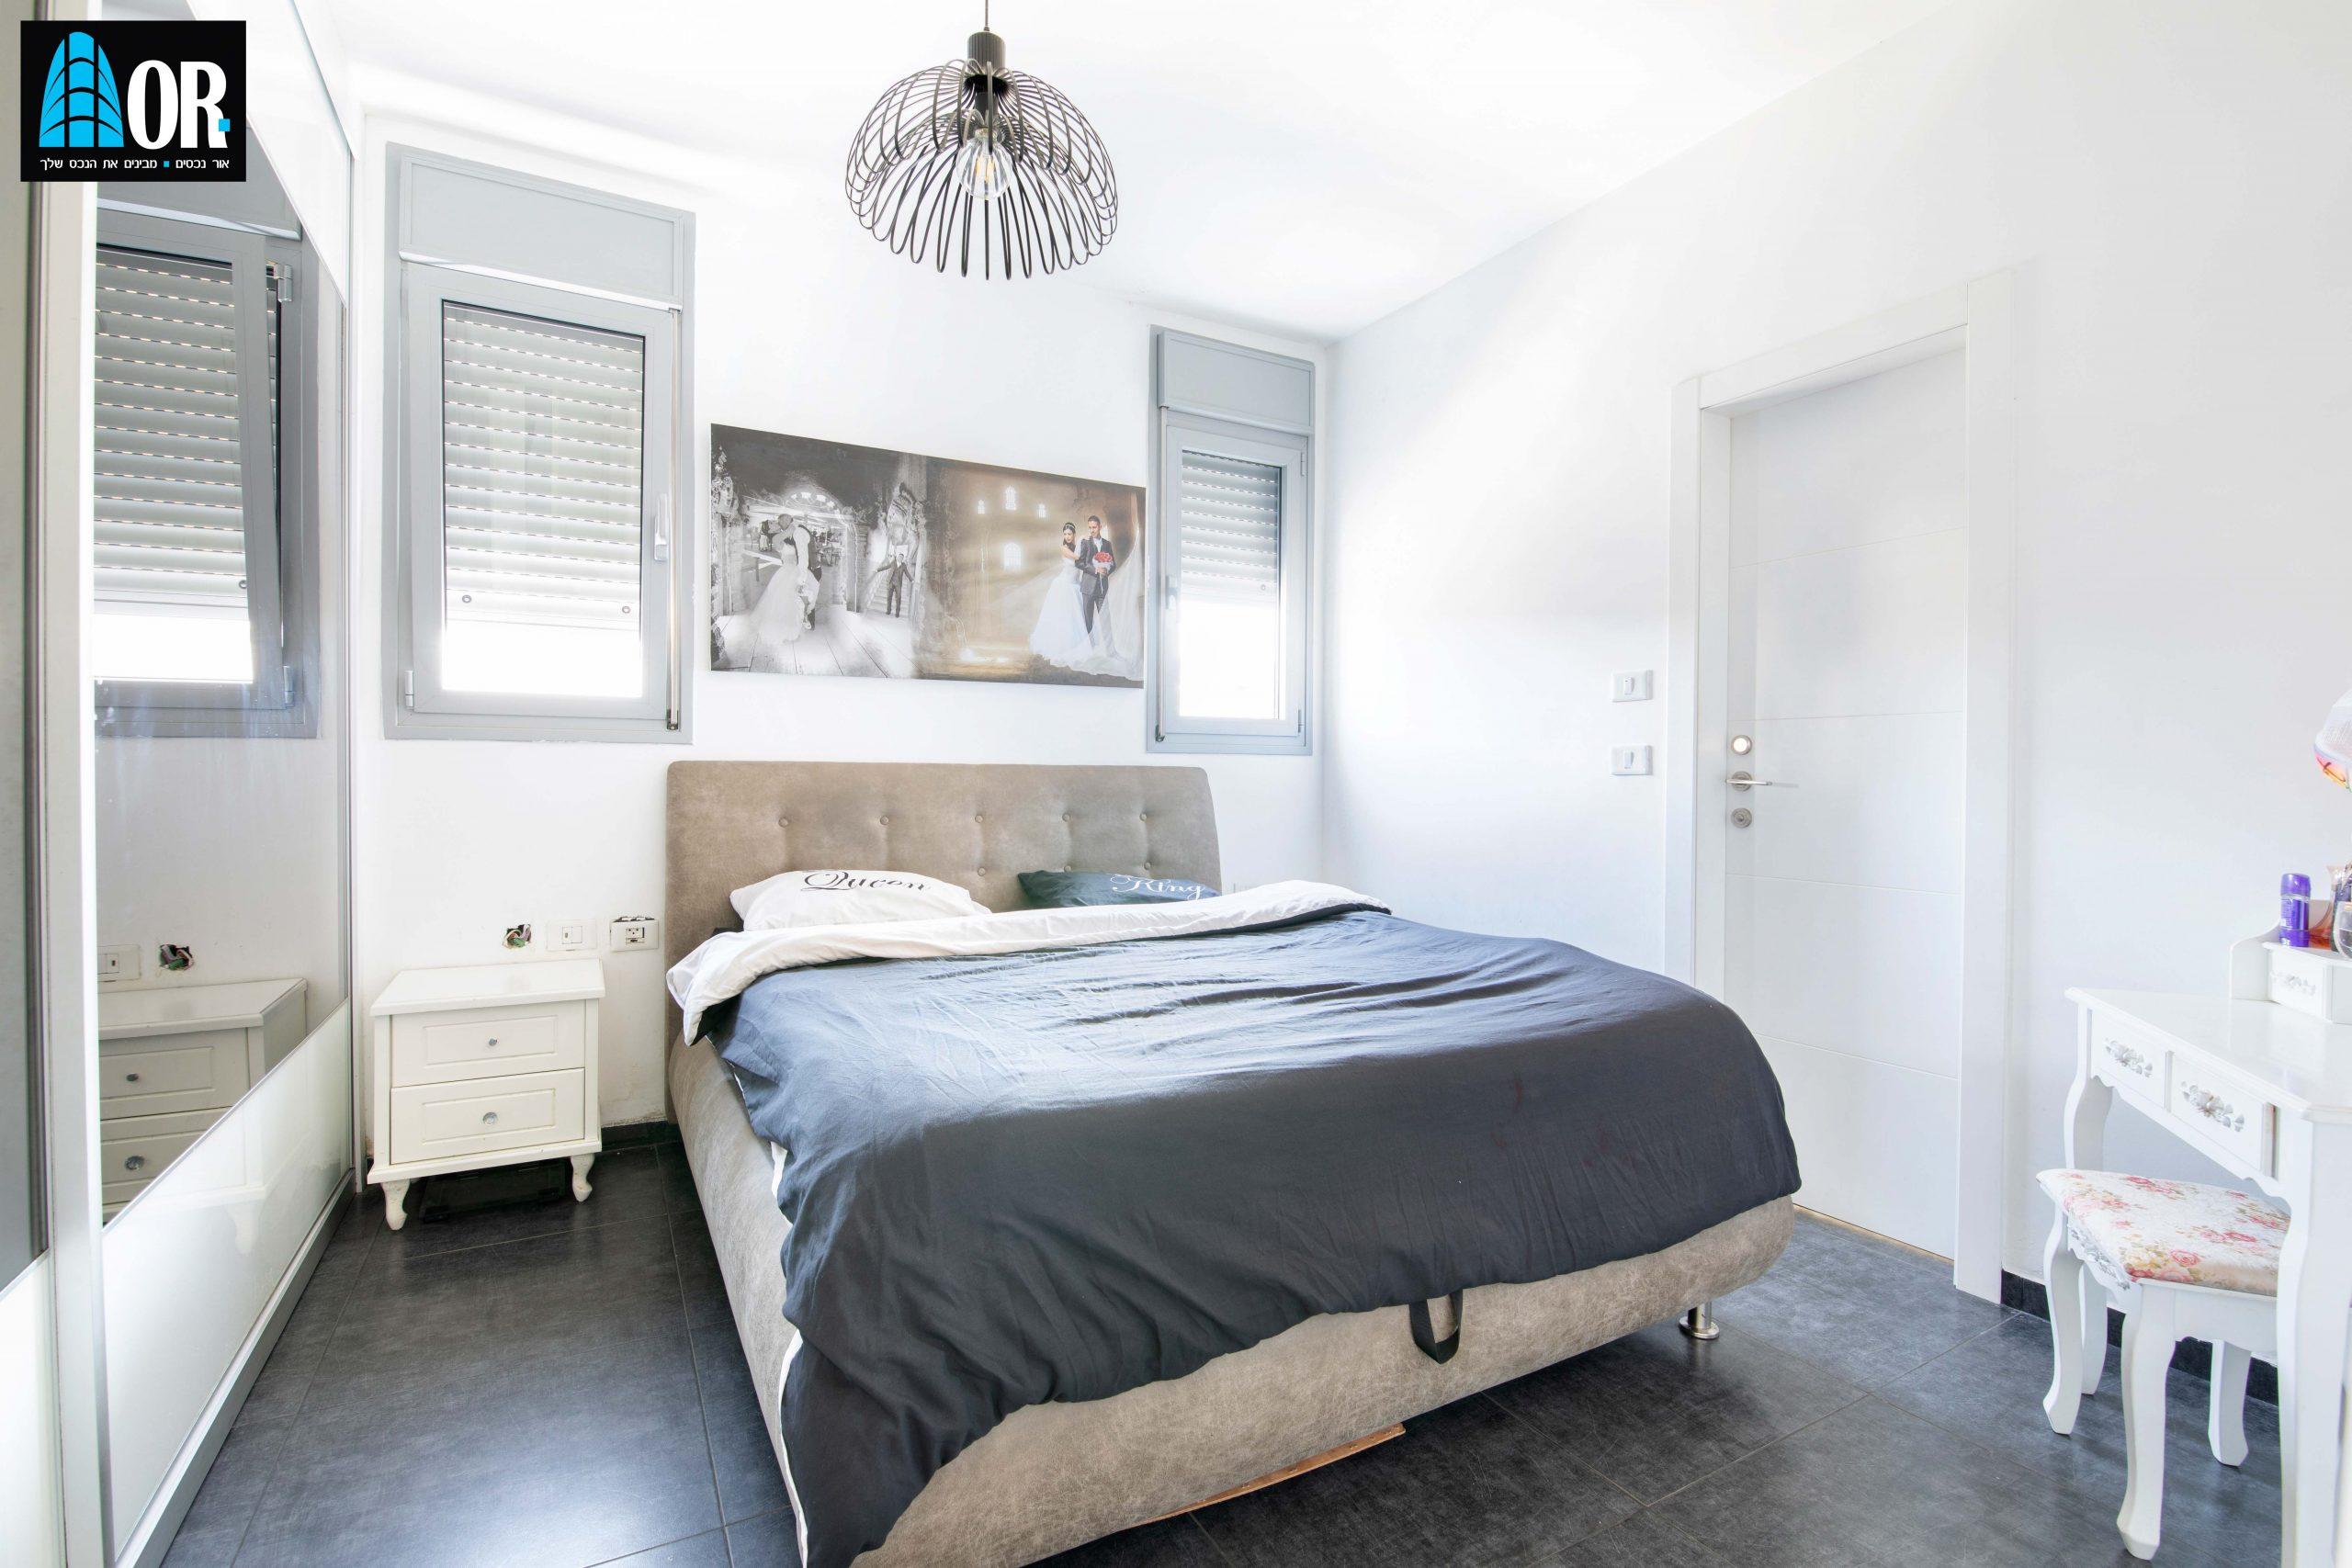 חדר שינה דירה 4 חדרים, שכונה פארק המושבה